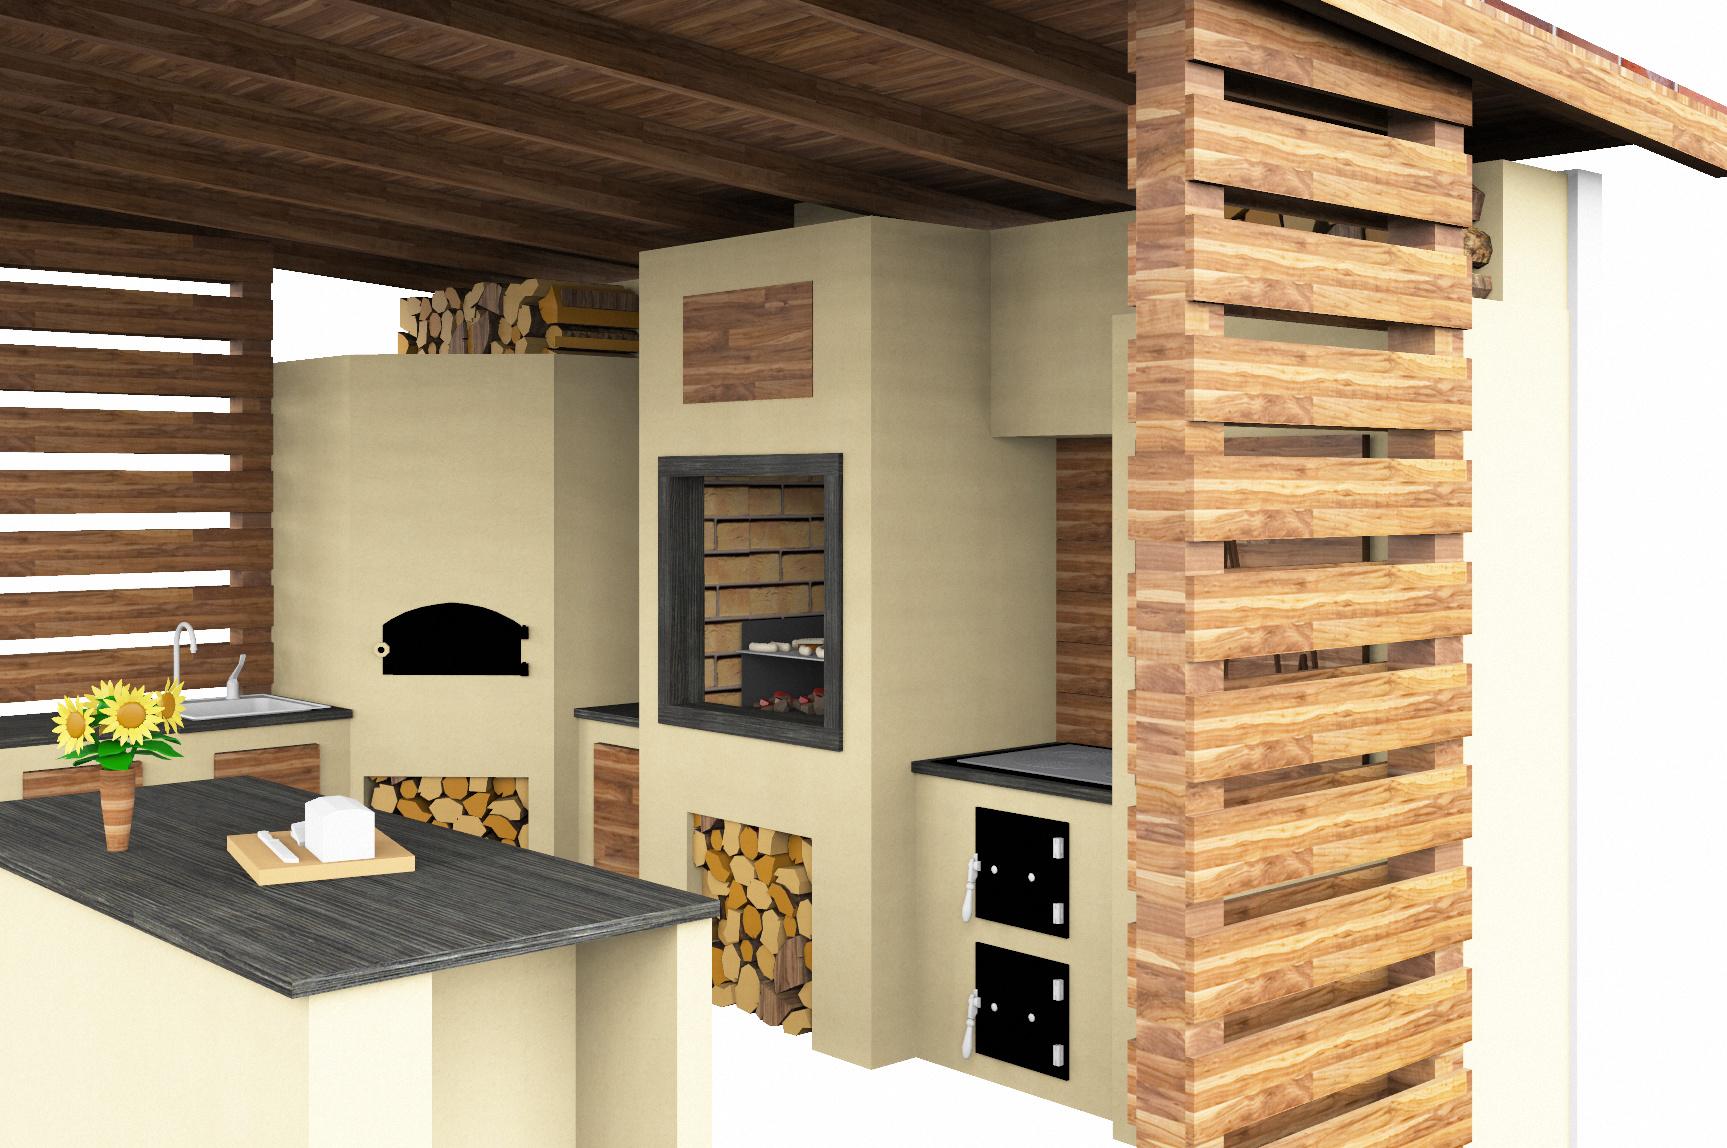 Kuchnia Letnia Projekt Kuchnia Ogrodowa Taka Jaką Chcesz